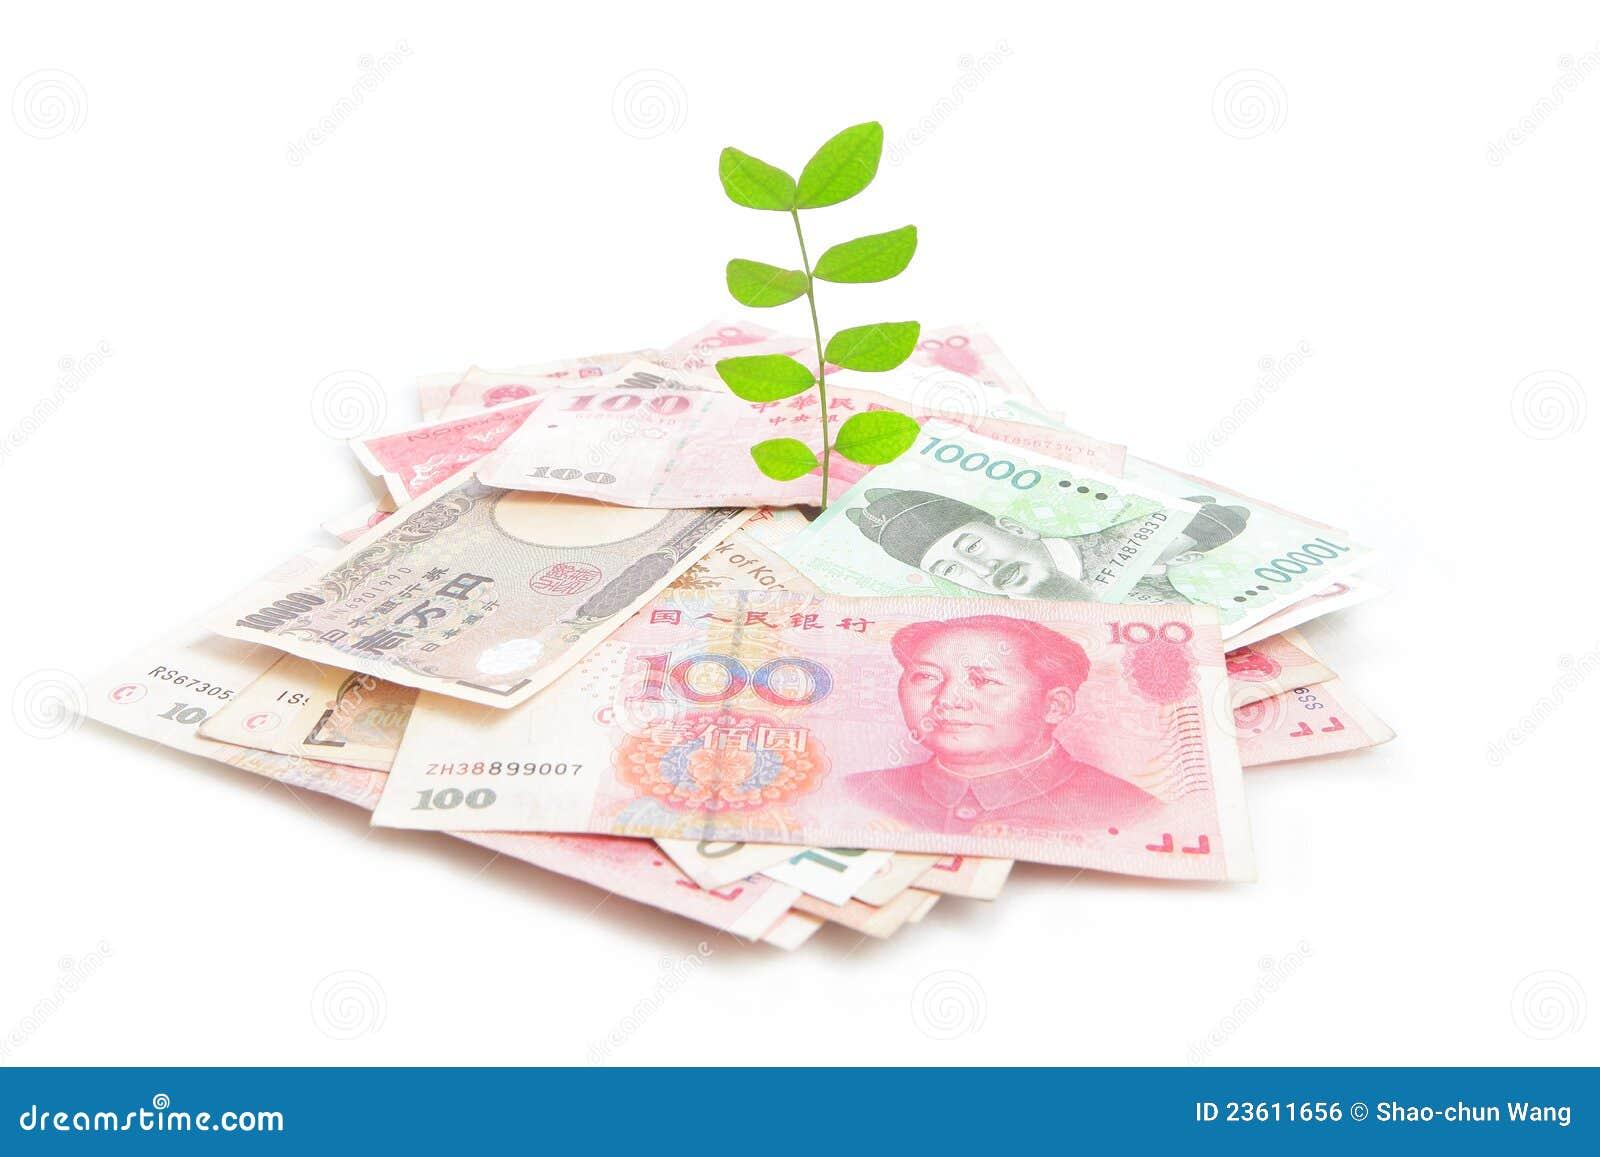 绿色生长叶子货币工厂